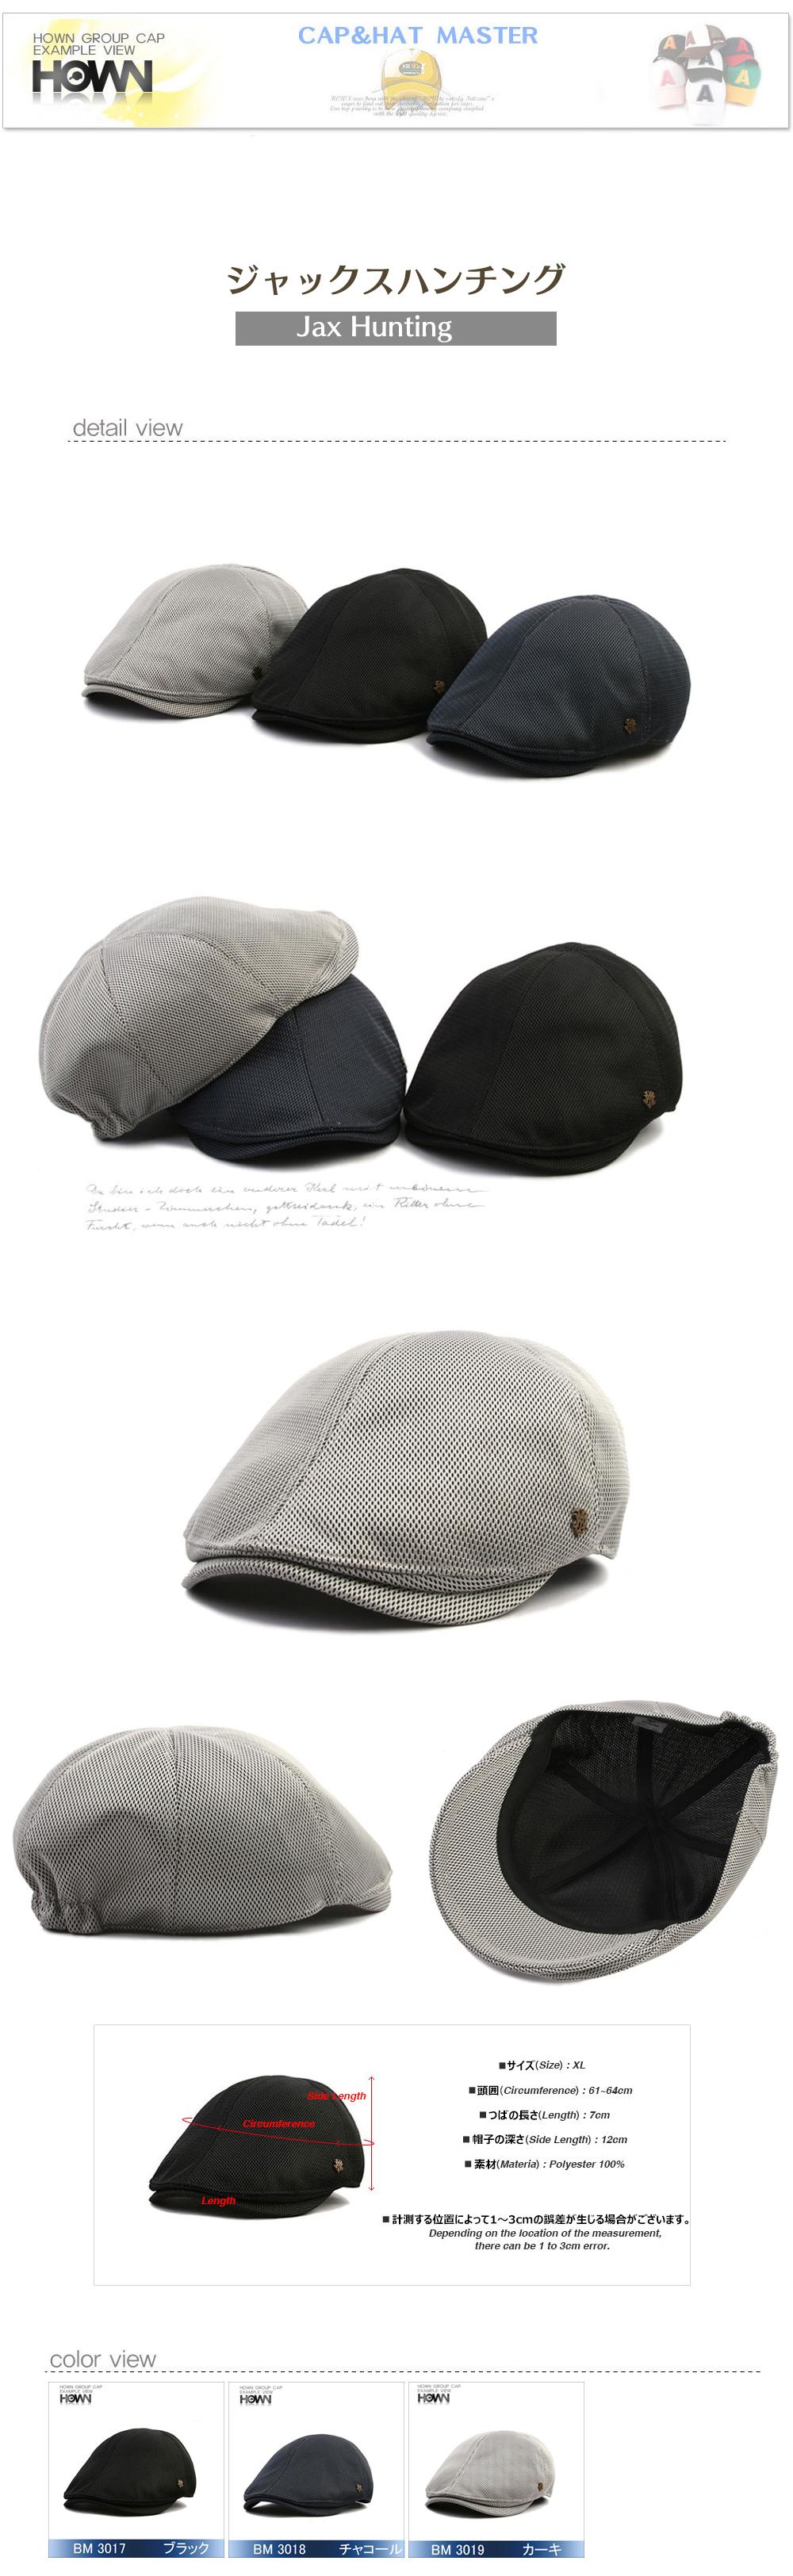 ビックサイズキャップ/大きい帽子に刺繍